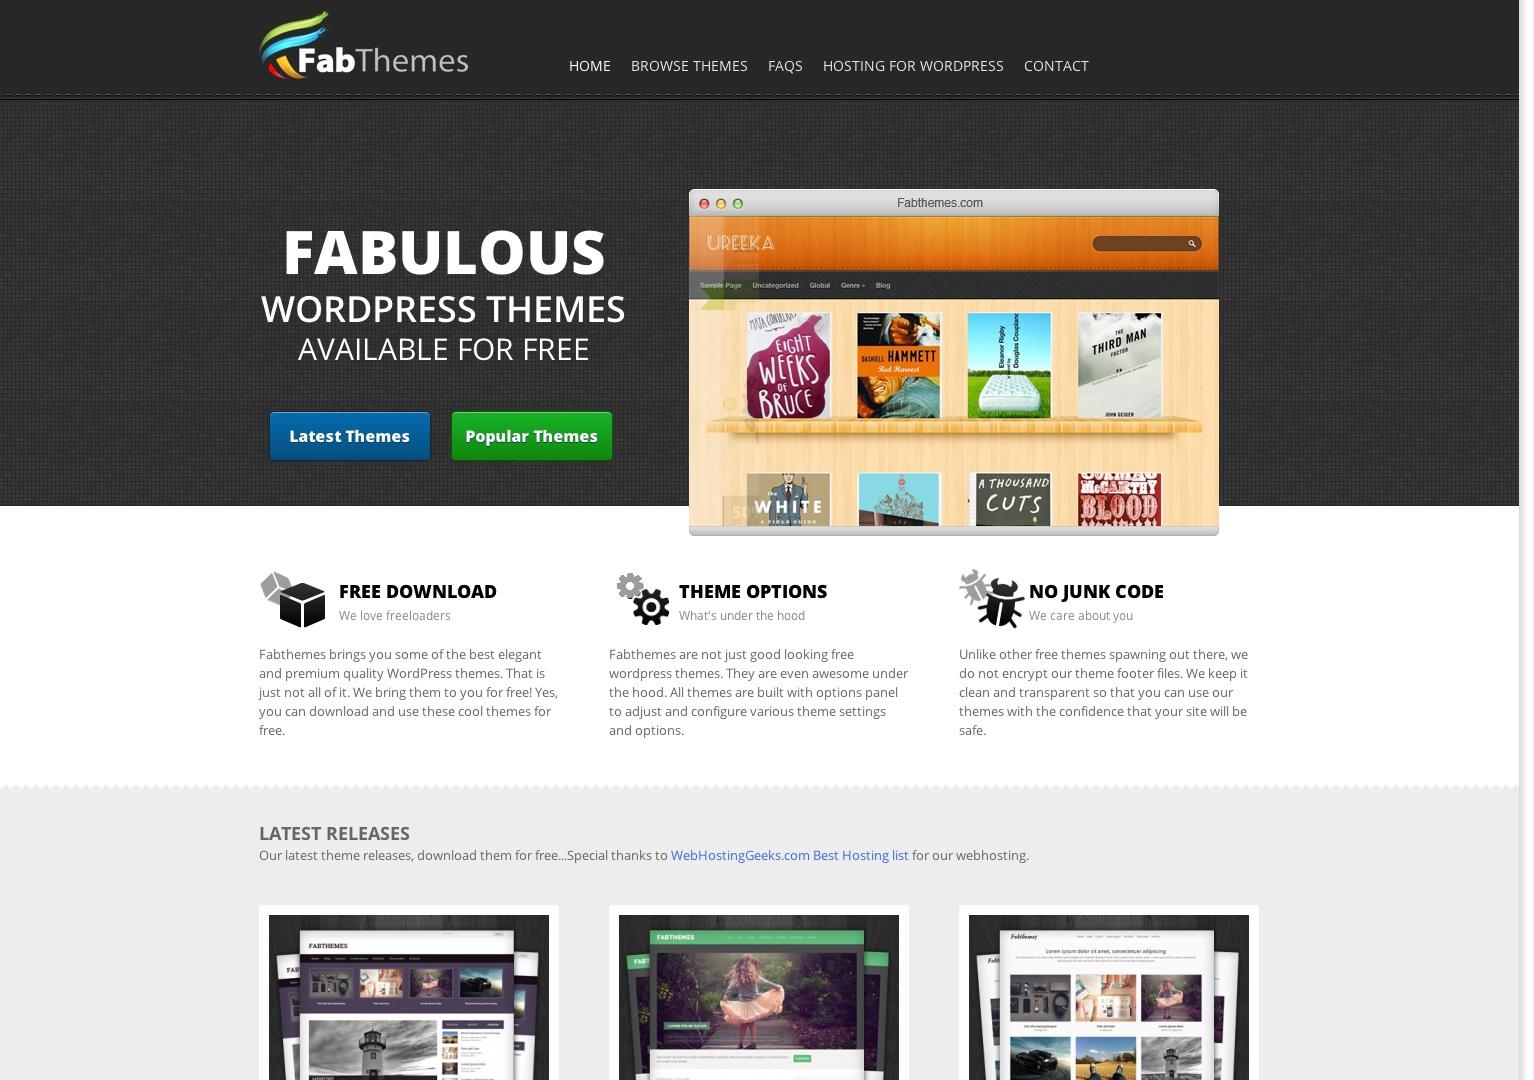 http---www.fabthemes.com-(20131210)